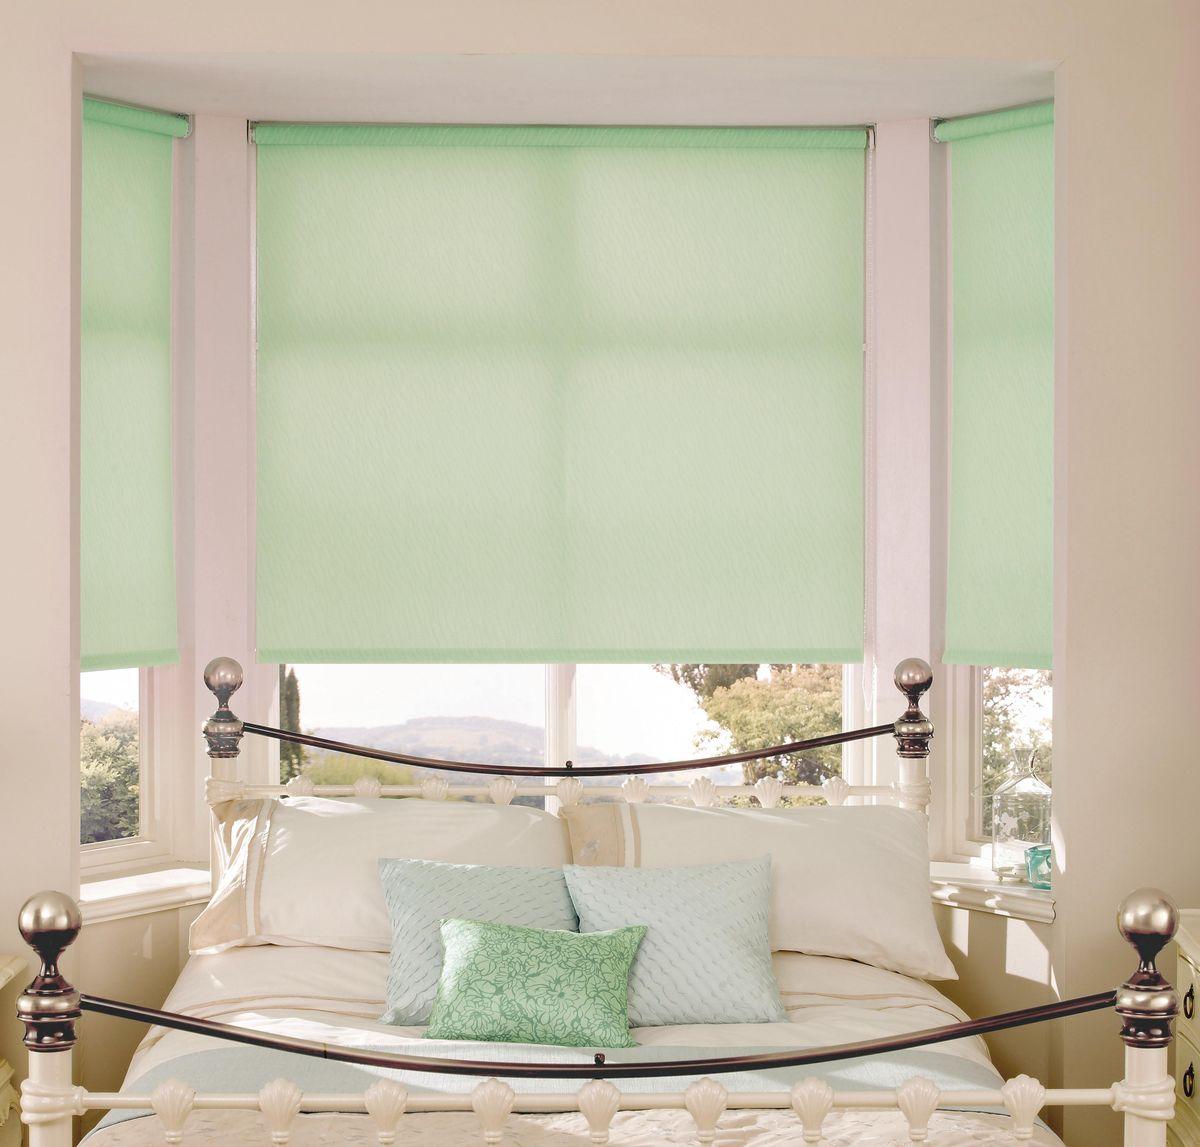 Штора рулонная Эскар, цвет: светло-зеленый, ширина 140 см, высота 170 смCLP446Рулонными шторами можно оформлять окна как самостоятельно, так и использовать в комбинации с портьерами. Это поможет предотвратить выгорание дорогой ткани на солнце и соединит функционал рулонных с красотой навесных.Преимущества применения рулонных штор для пластиковых окон:- имеют прекрасный внешний вид: многообразие и фактурность материала изделия отлично смотрятся в любом интерьере; - многофункциональны: есть возможность подобрать шторы способные эффективно защитить комнату от солнца, при этом о на не будет слишком темной. - Есть возможность осуществить быстрый монтаж. ВНИМАНИЕ! Размеры ширины изделия указаны по ширине ткани!Во время эксплуатации не рекомендуется полностью разматывать рулон, чтобы не оторвать ткань от намоточного вала.В случае загрязнения поверхности ткани, чистку шторы проводят одним из способов, в зависимости от типа загрязнения: легкое поверхностное загрязнение можно удалить при помощи канцелярского ластика; чистка от пыли производится сухим методом при помощи пылесоса с мягкой щеткой-насадкой; для удаления пятна используйте мягкую губку с пенообразующим неагрессивным моющим средством или пятновыводитель на натуральной основе (нельзя применять растворители).